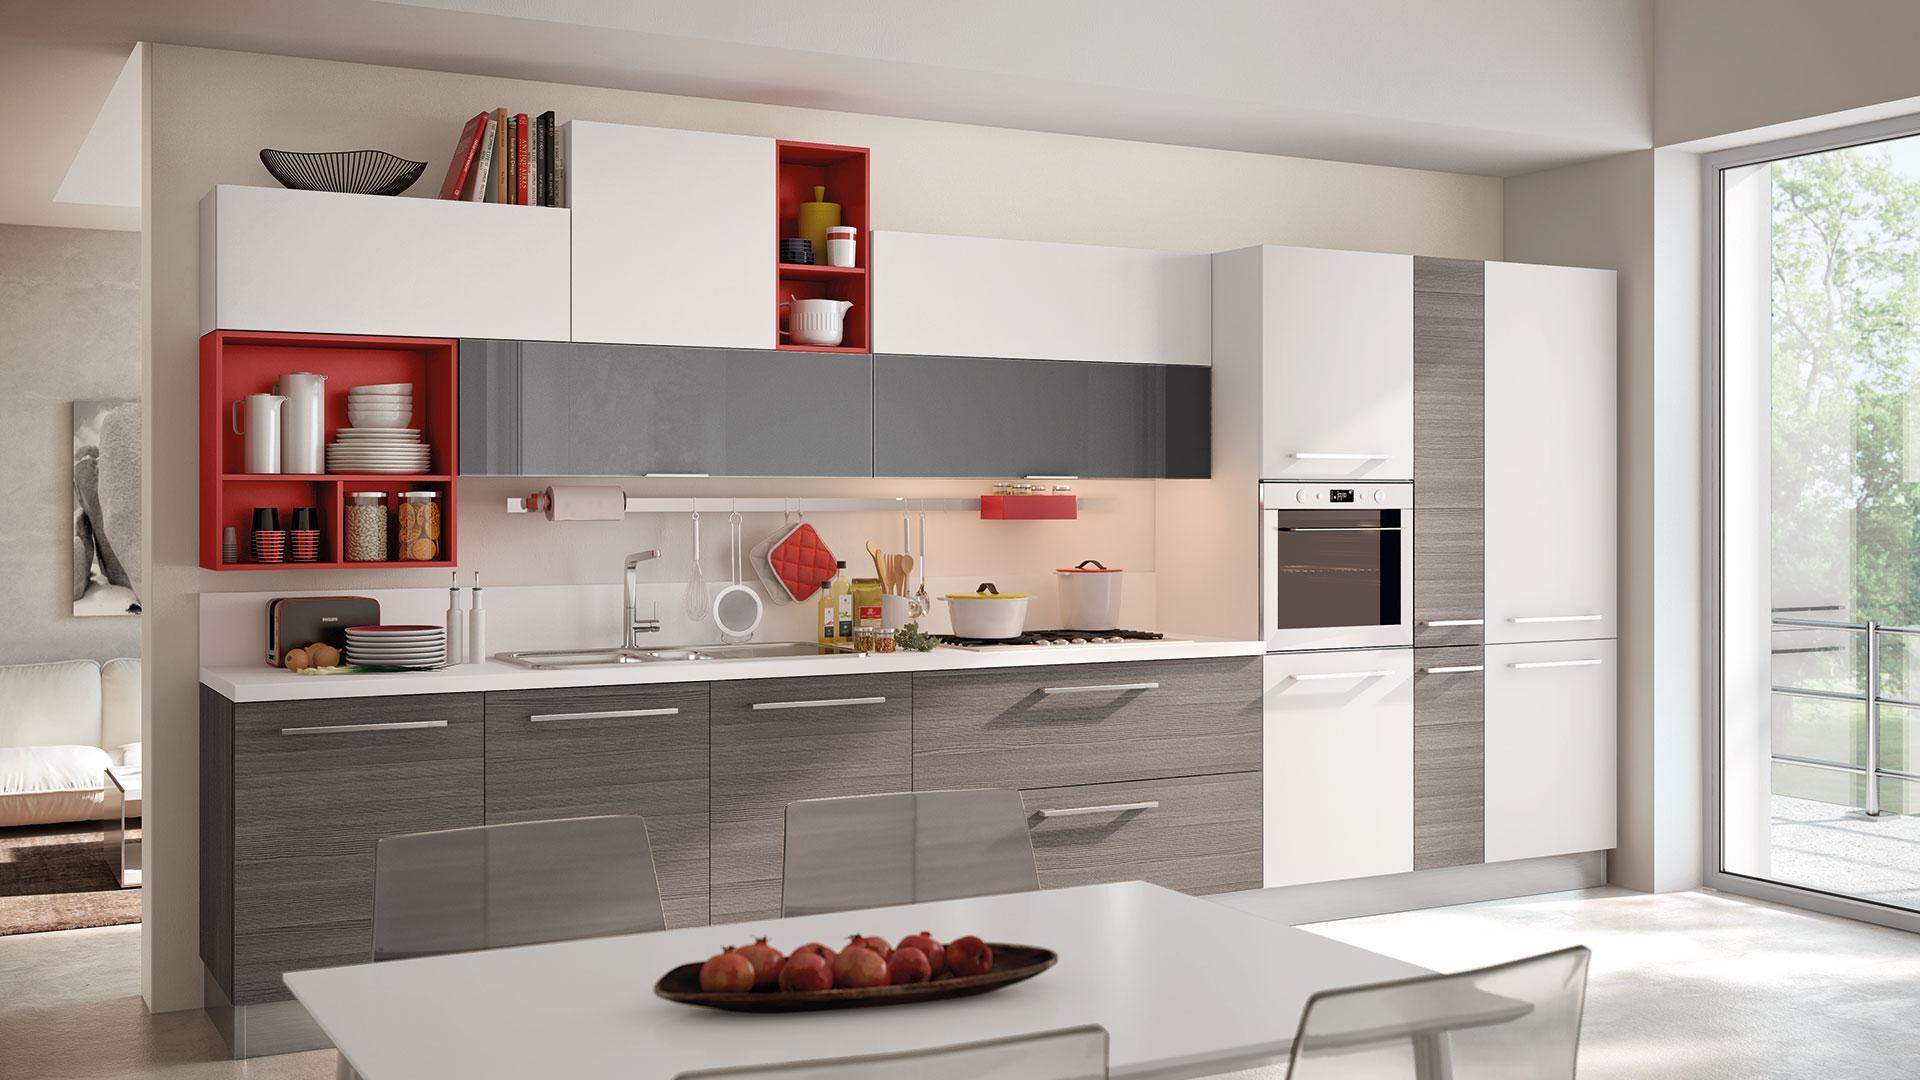 Mobili Per Cucina Piccola come disporre i mobili in cucina, dettagli e consigli da non